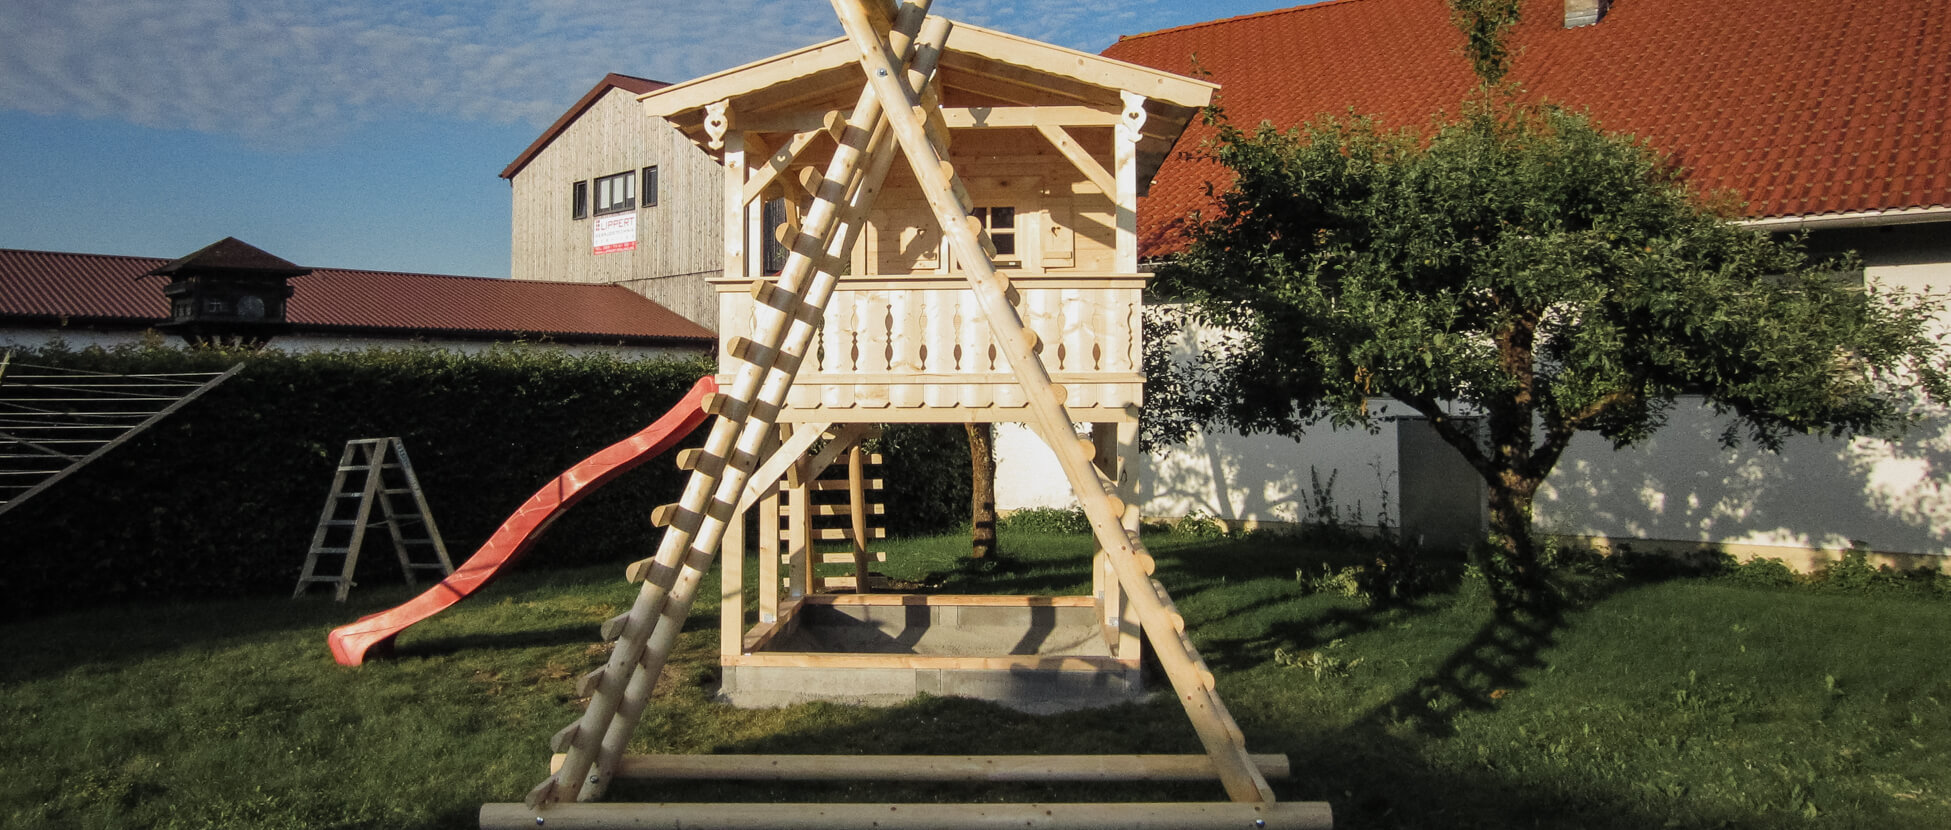 kinderspielhaus, baumhaus und spielgeräte aus holz nach maß » röpfl